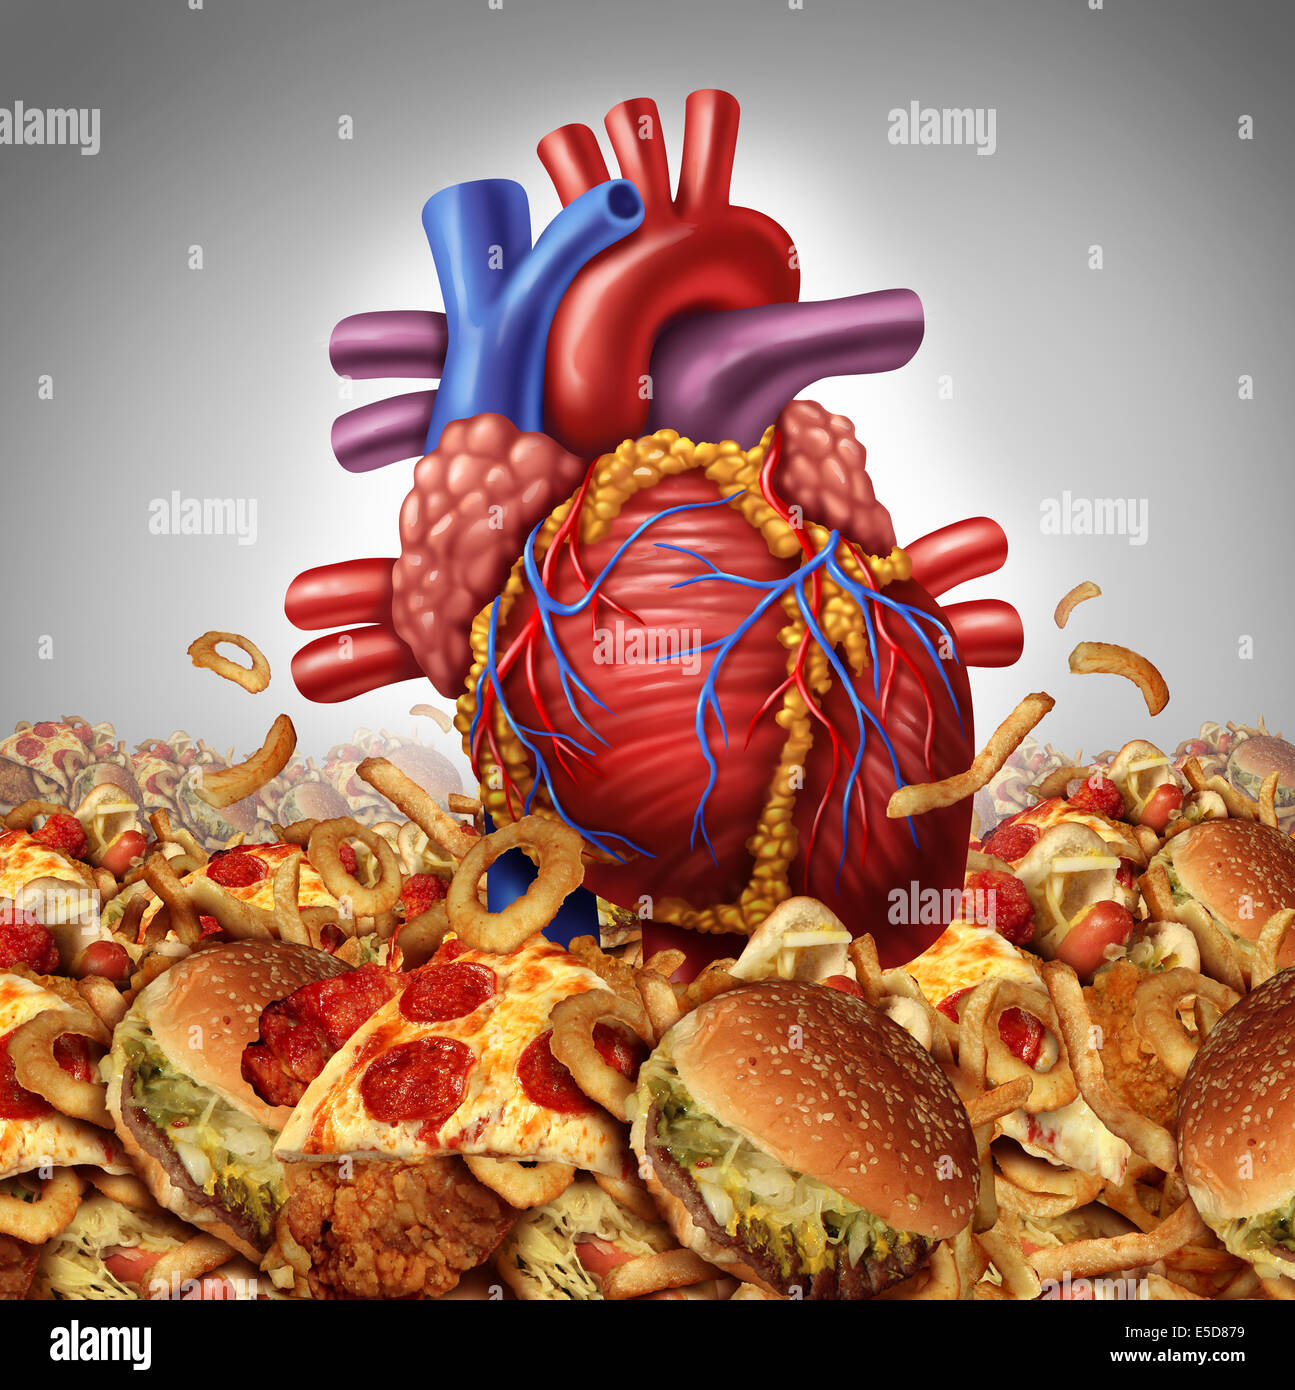 Herzkrankheit Risiko Symbol und Gesundheitsversorgung und Ernährungskonzept als ein menschliches Herz-Kreislauf Stockbild